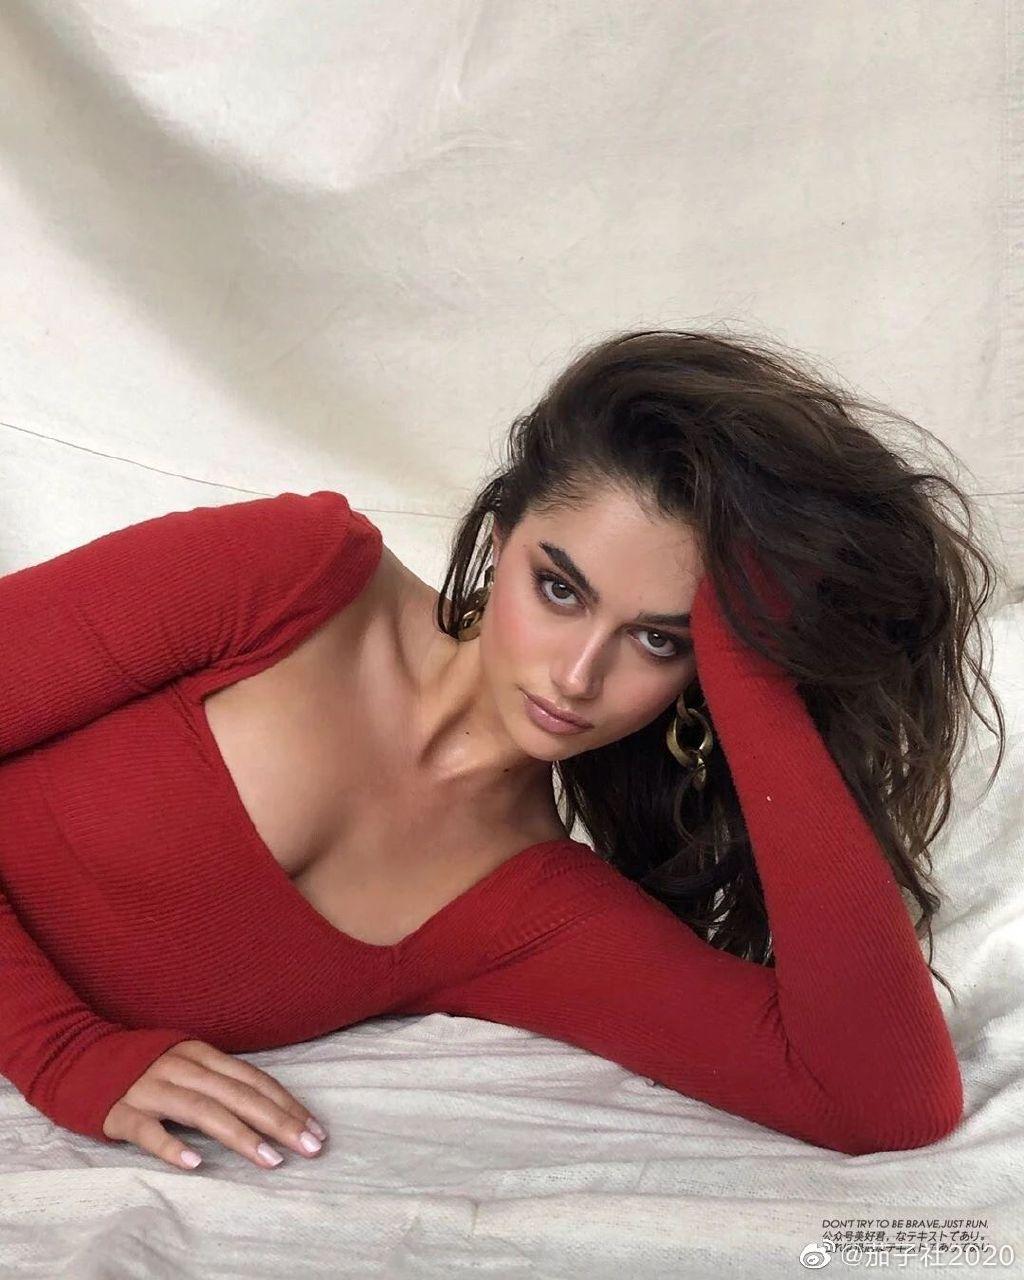 模特Maia Cotton:来自新西兰的非凡身材